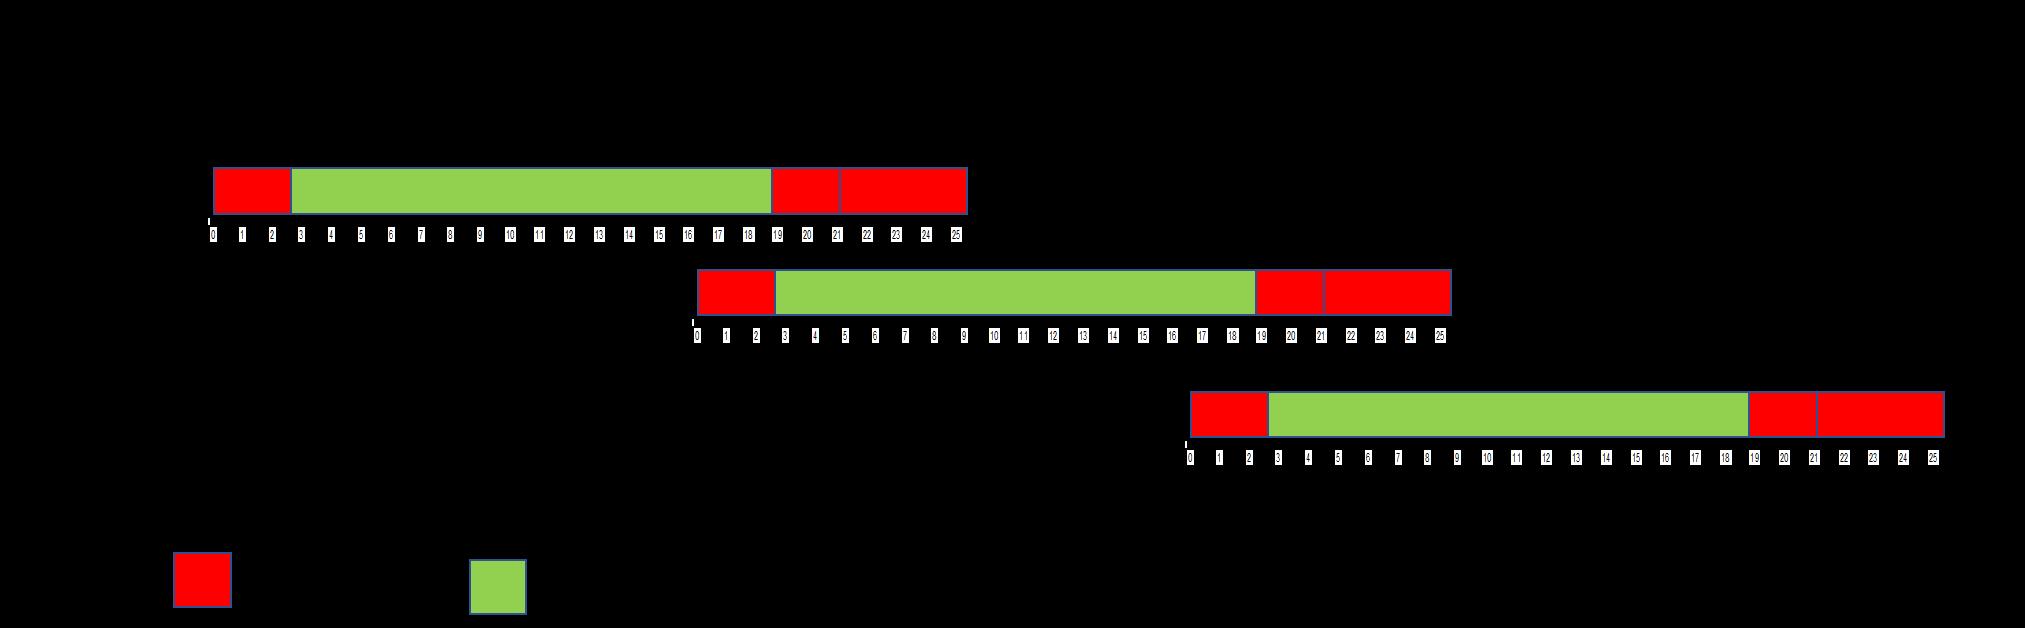 060520_image3